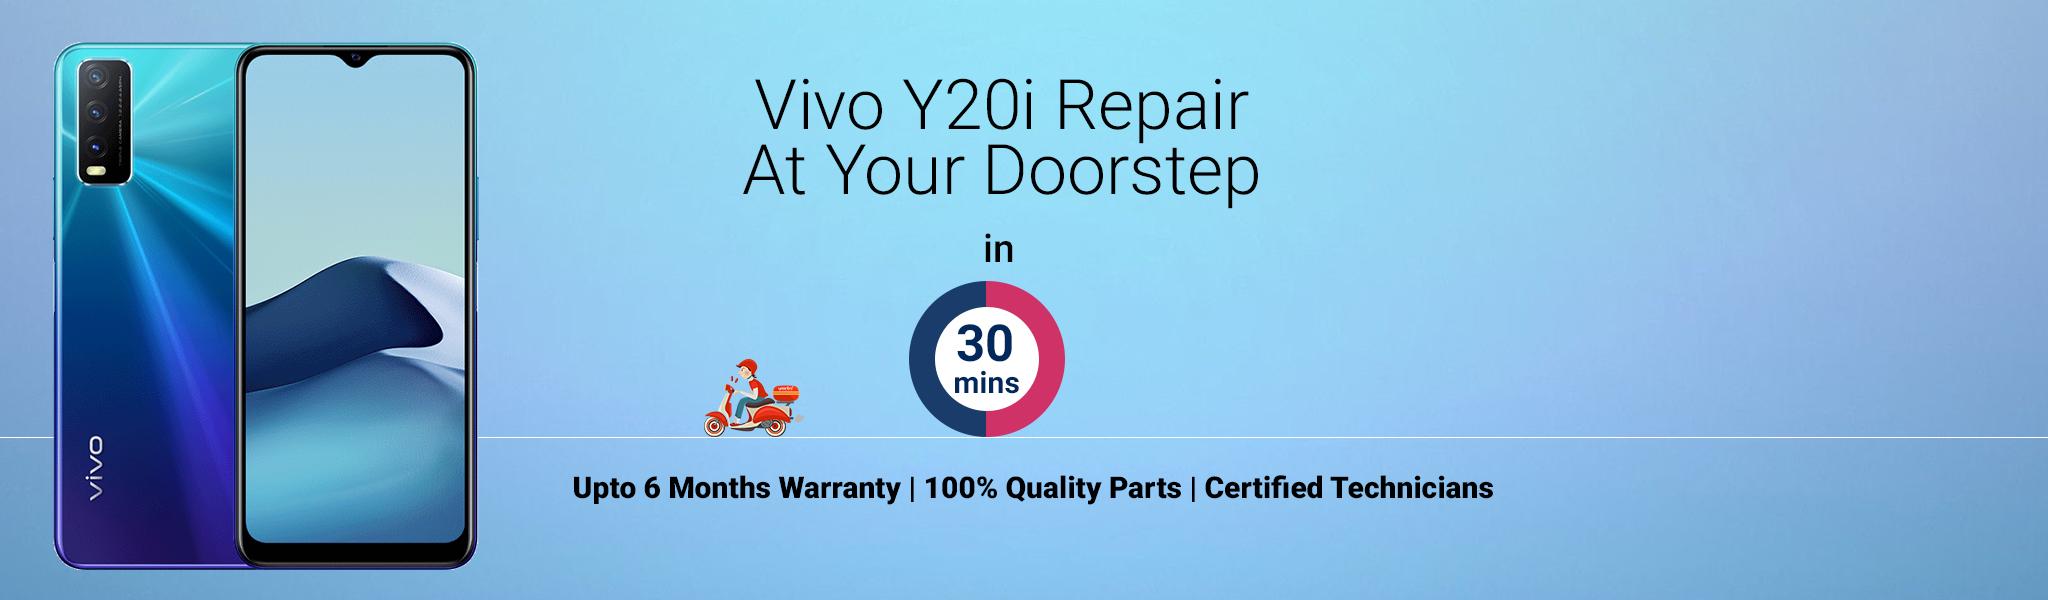 vivo-y20i-repair.jpg